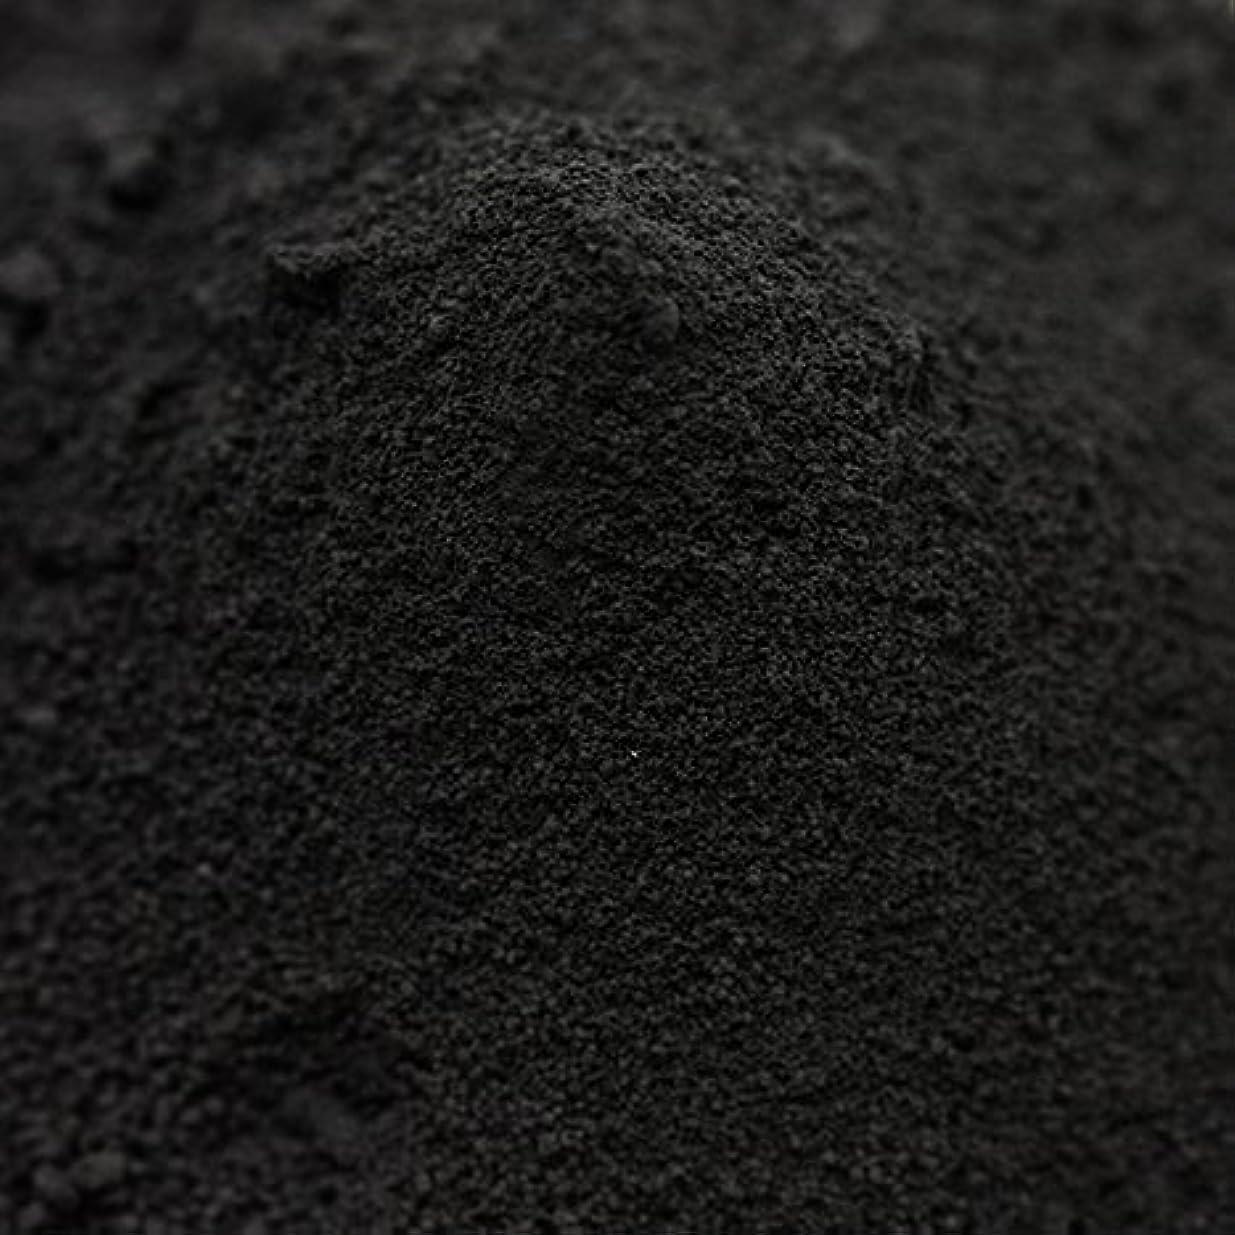 ムスタチオ拡張状況竹炭パウダー(超微粉末) 50g 【手作り石鹸/手作りコスメに】